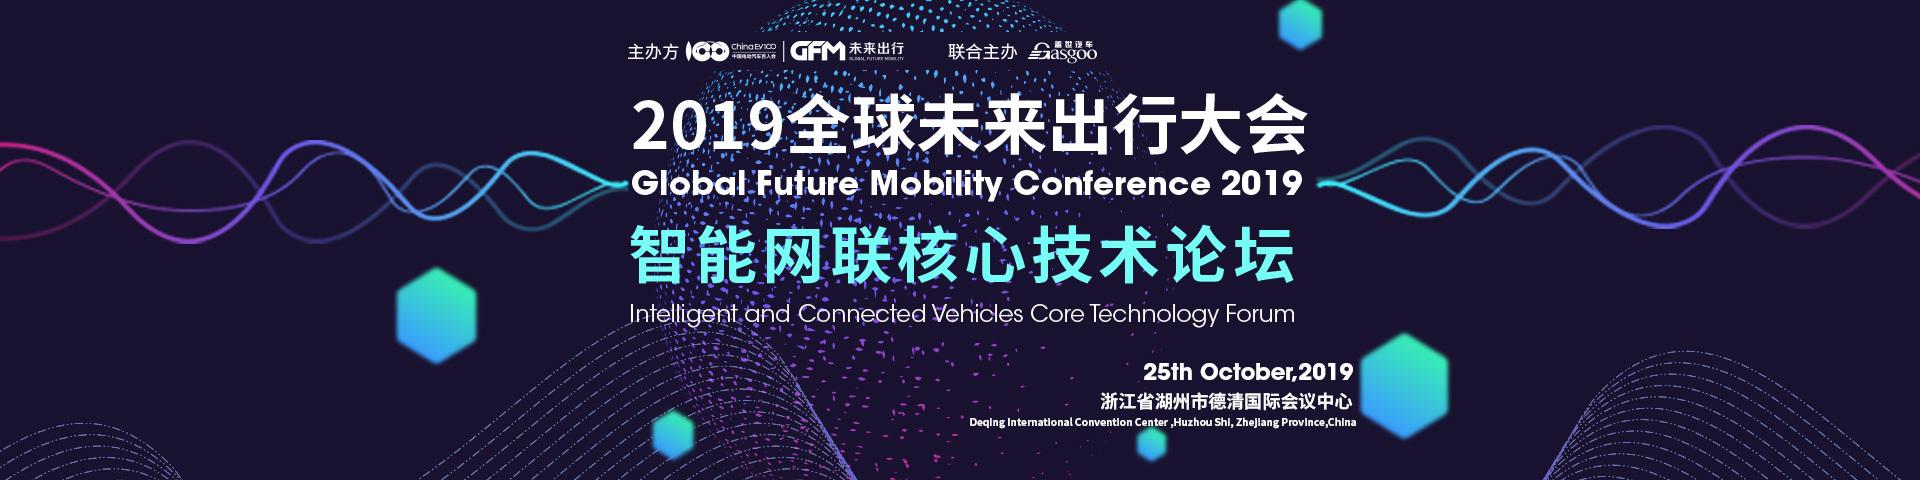 2019全球未来出行大会 - 智能网联核心技术论坛